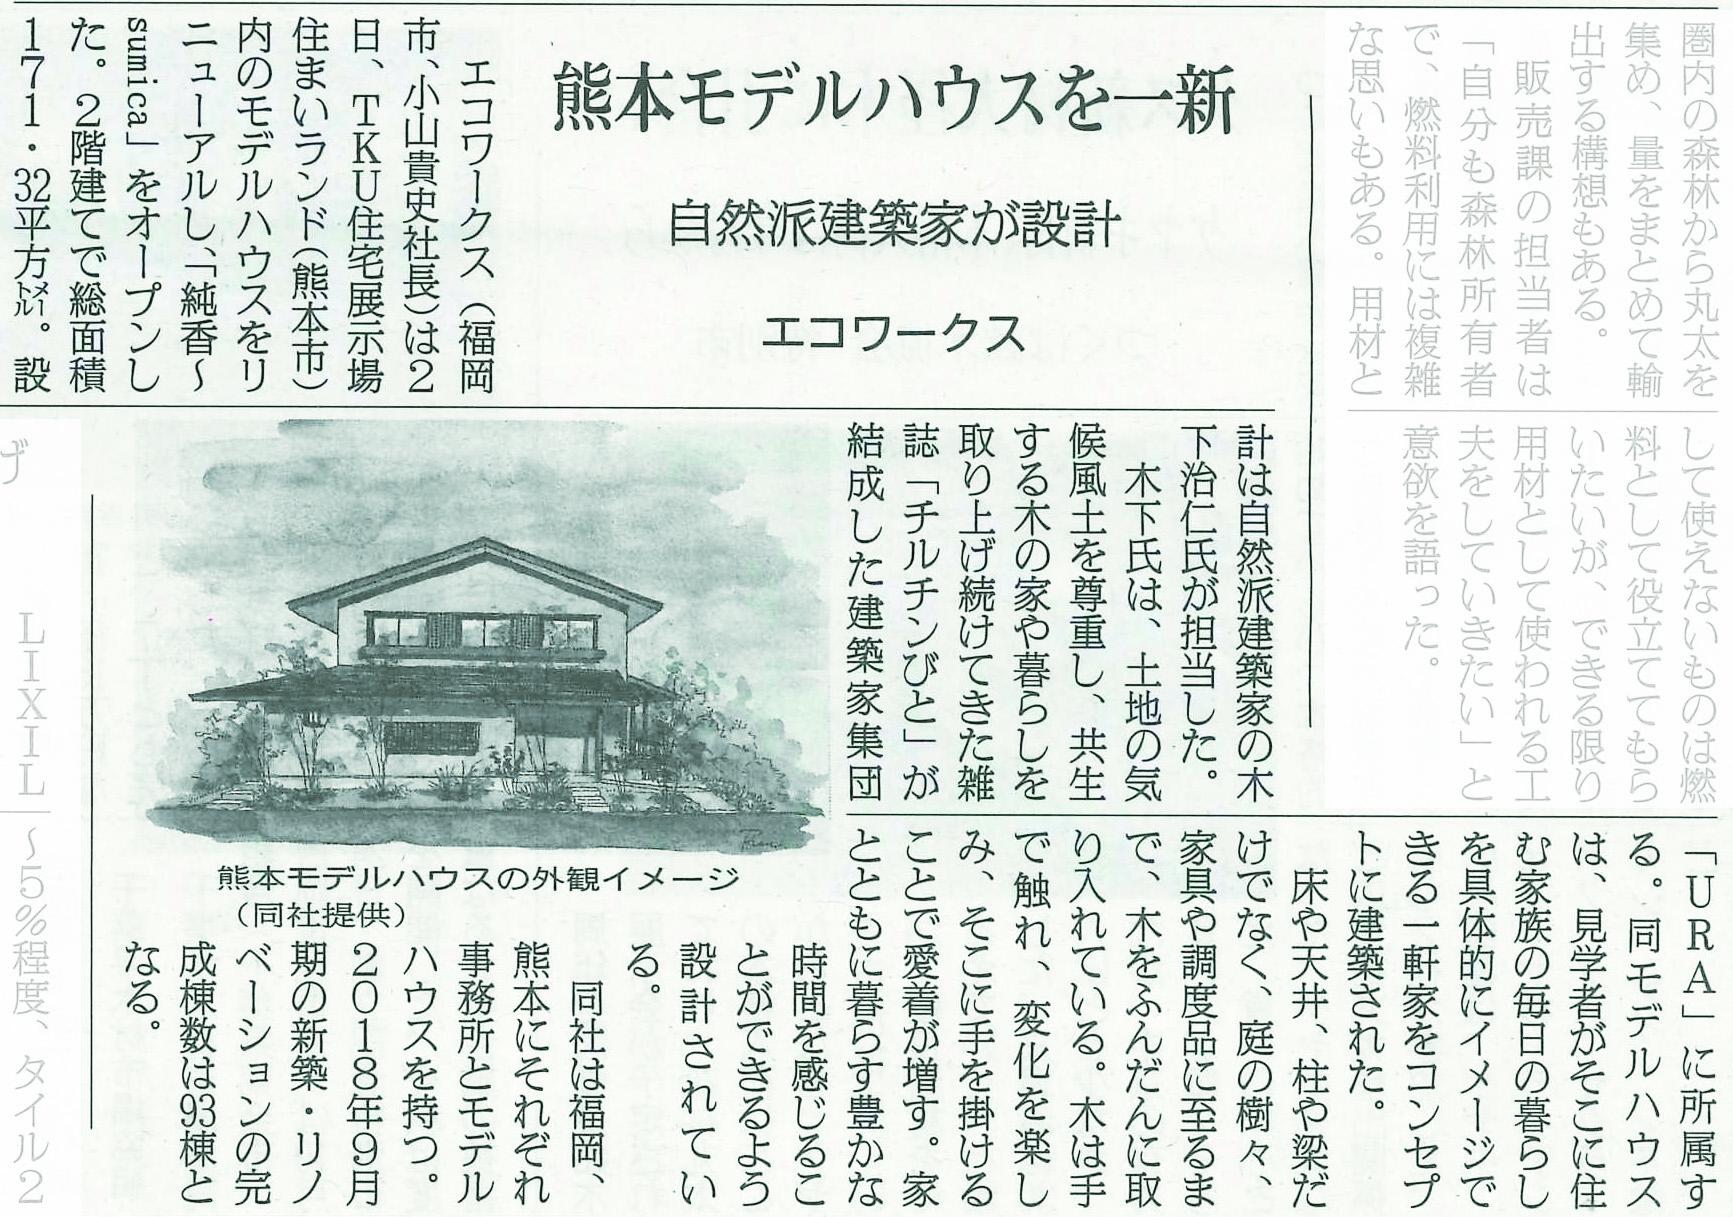 日刊木材新聞|2019年11月8日発行|エコワークス|熊本モデルハウスオープン|)